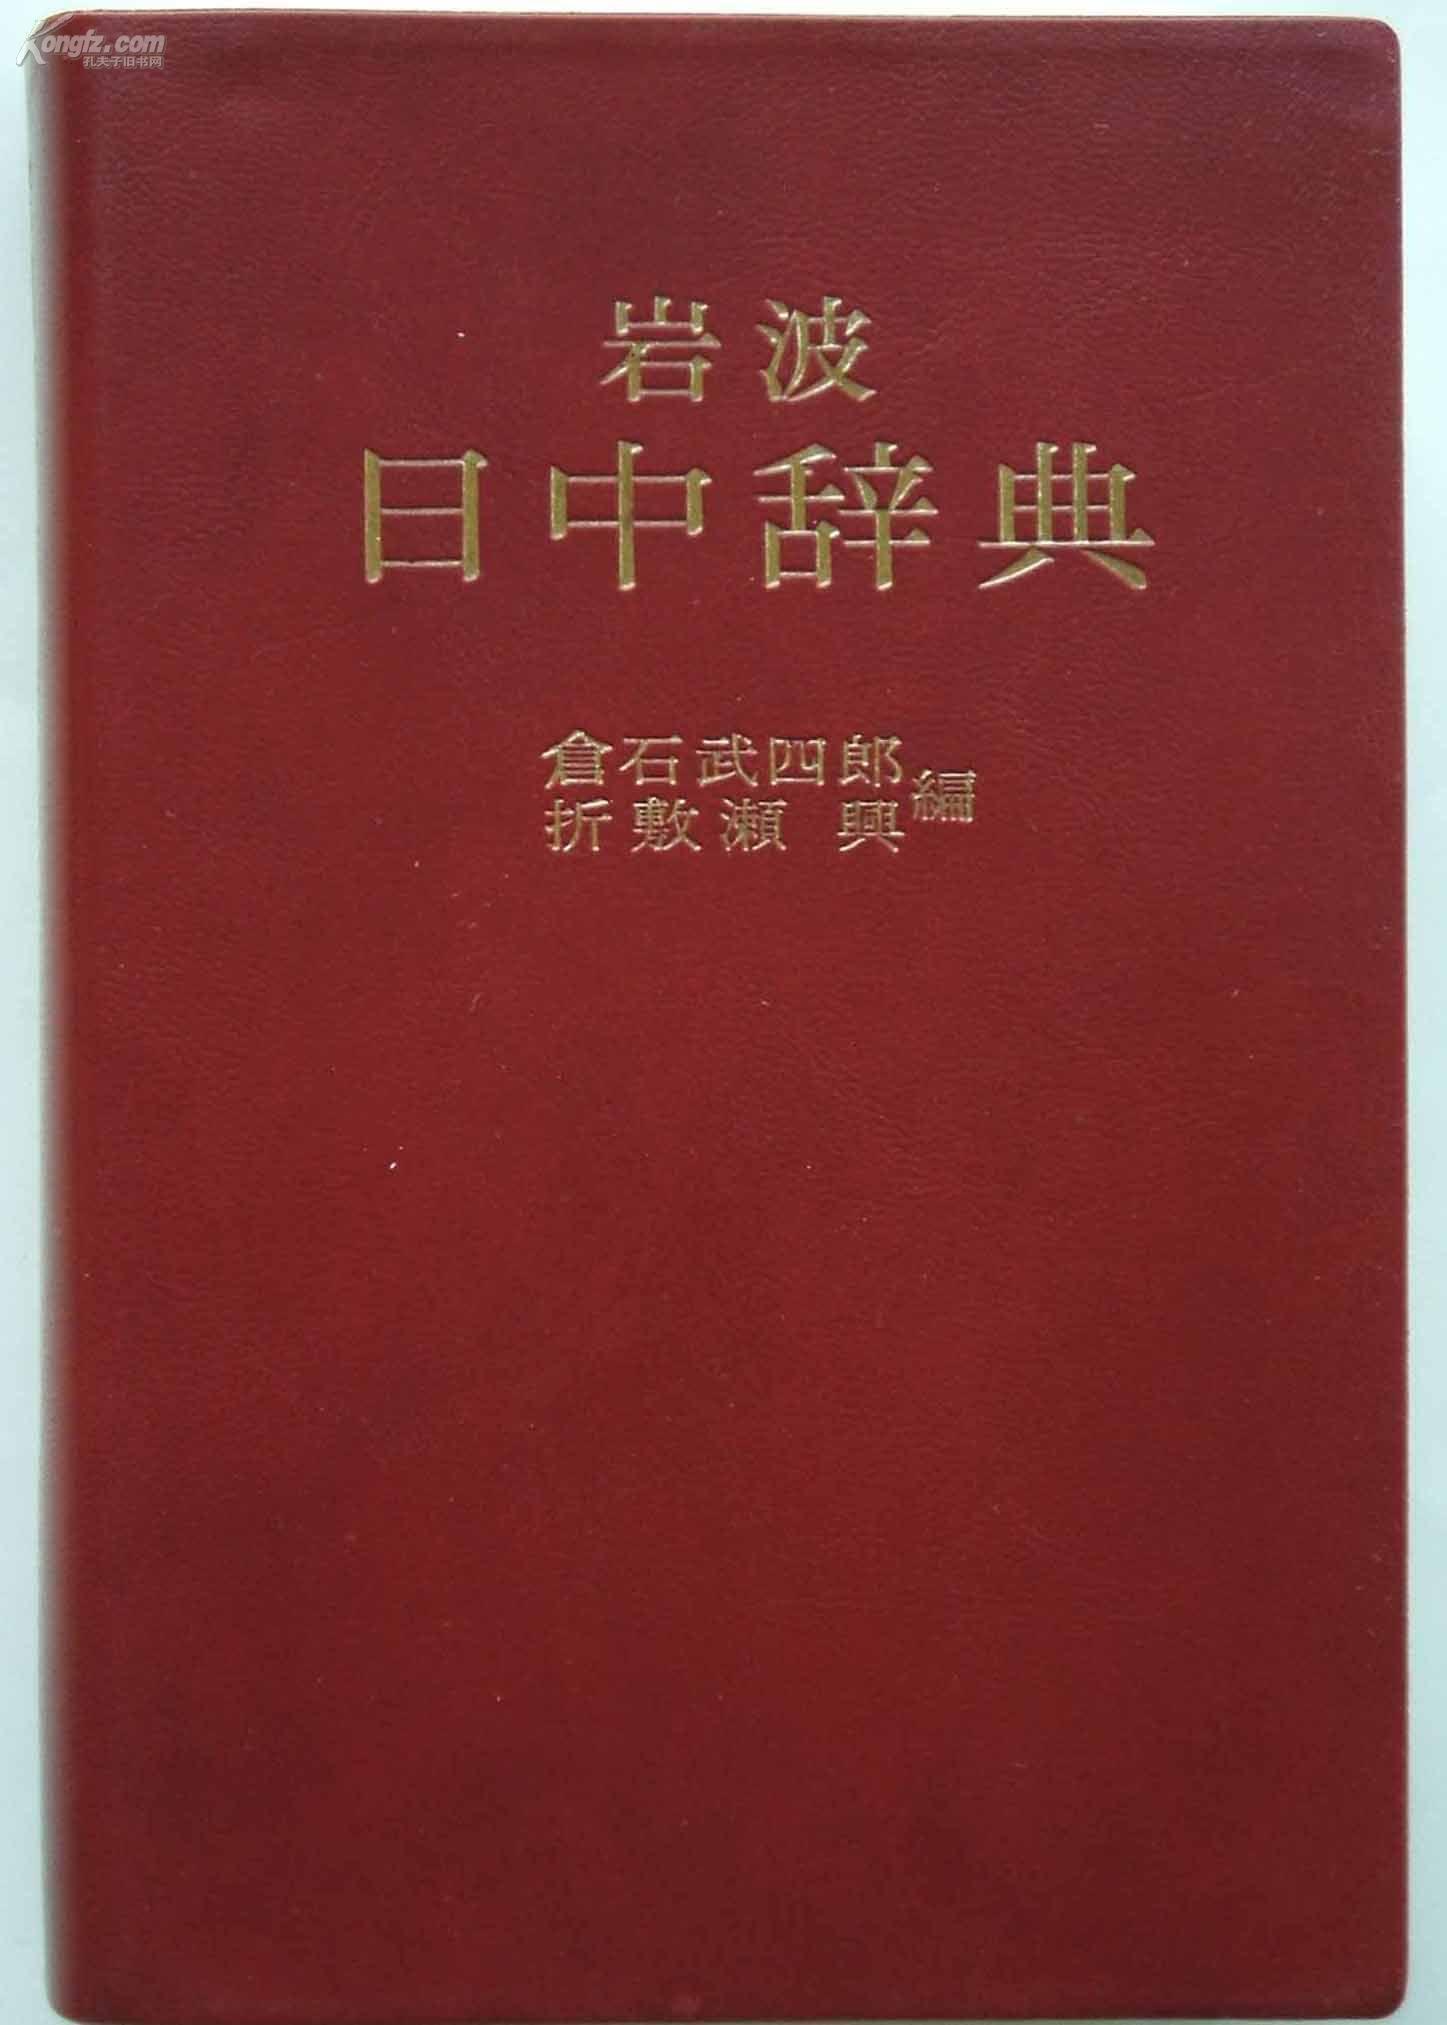 岩波日中辞典